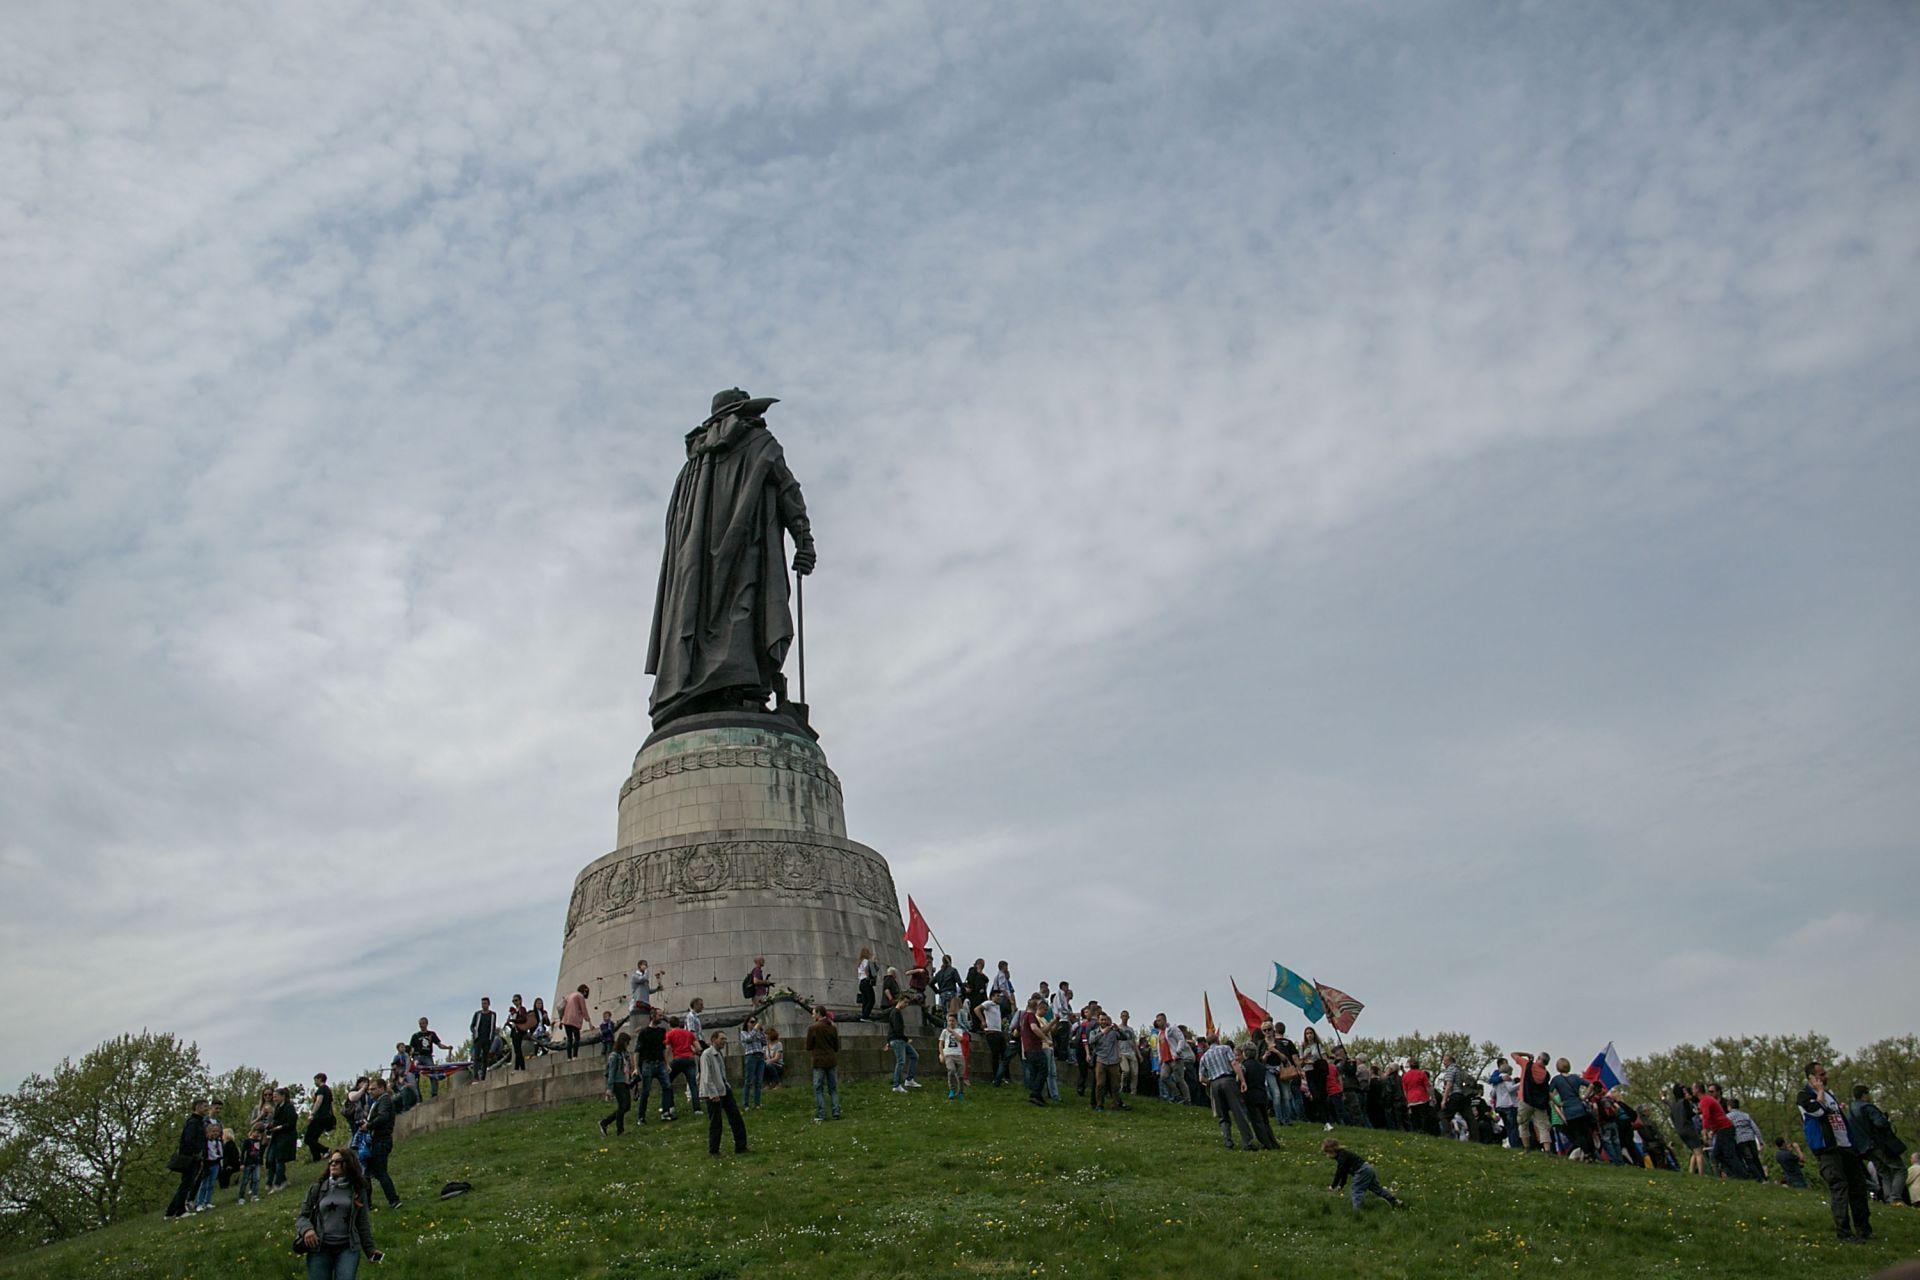 Денят на победата традиционна се отбелязва и пред военния мемориал в Трептов парк в Берлин